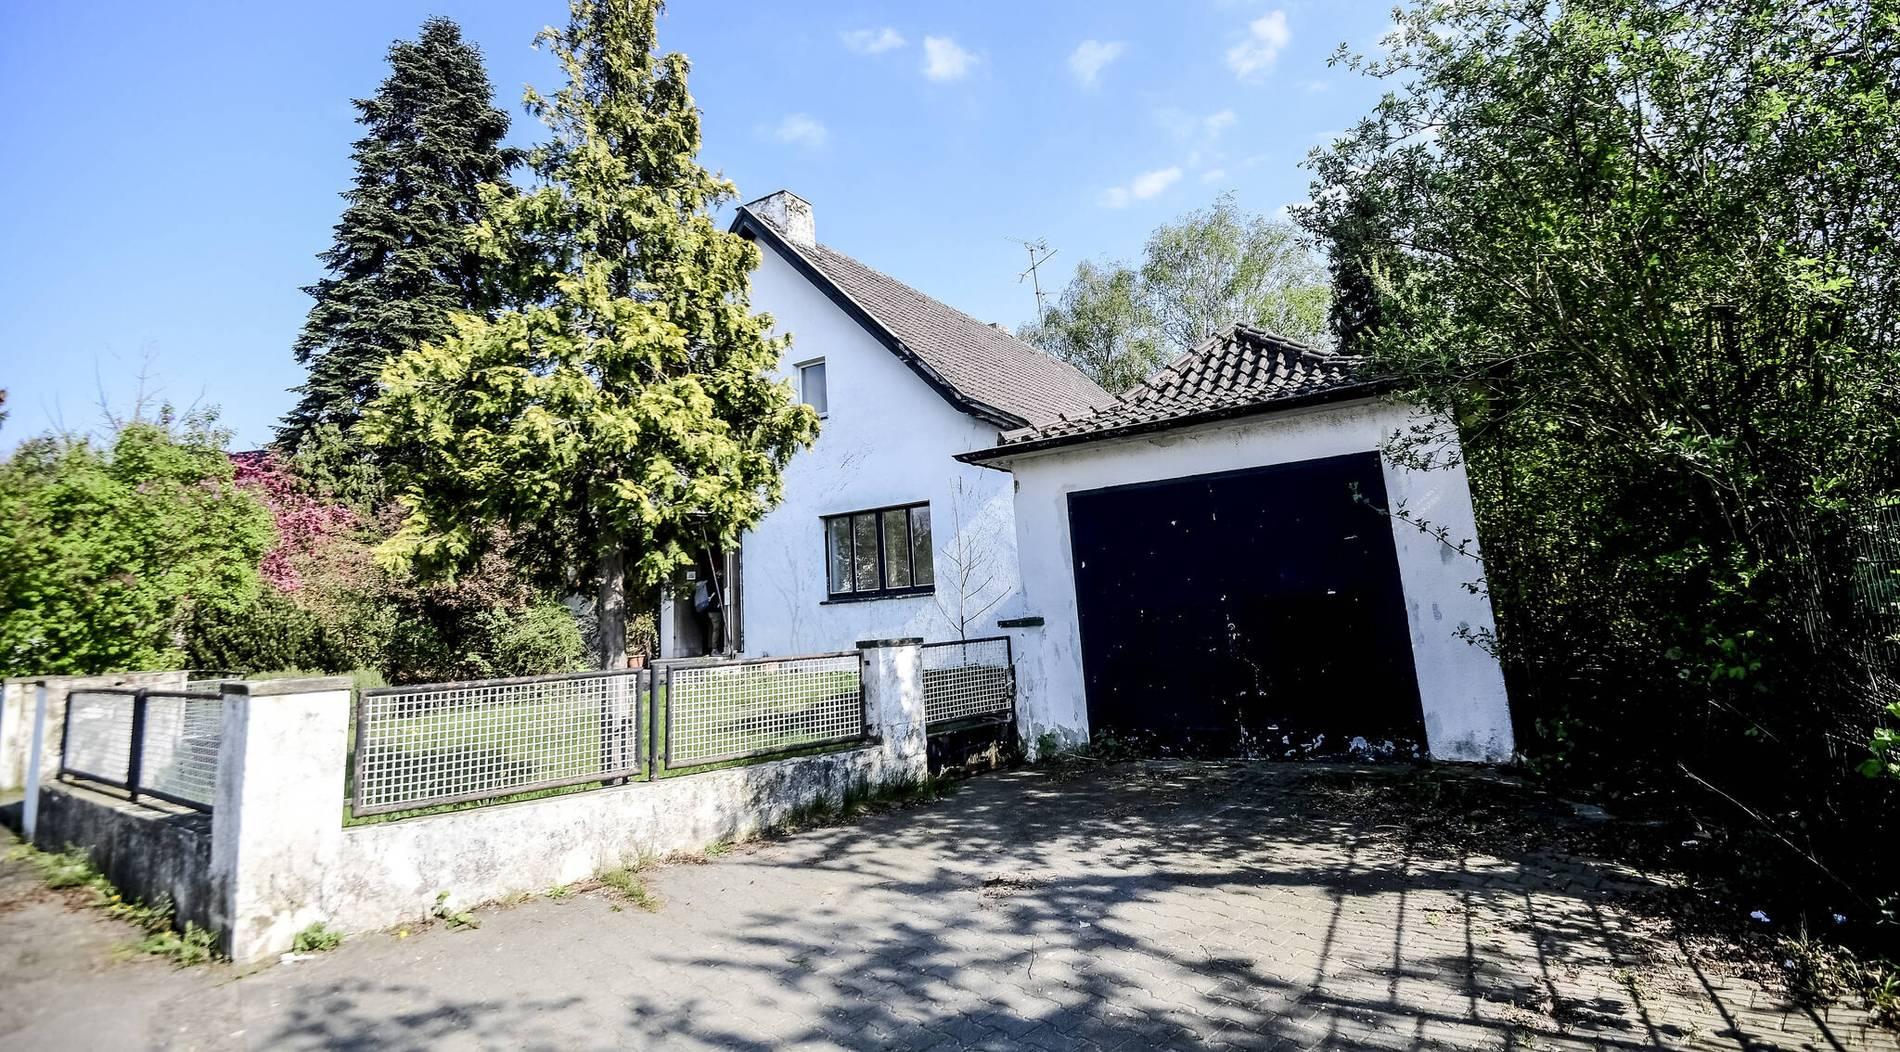 Kritik an Lehmhaus-Äußerungen zu Häusern für Obdachlose in Hamm